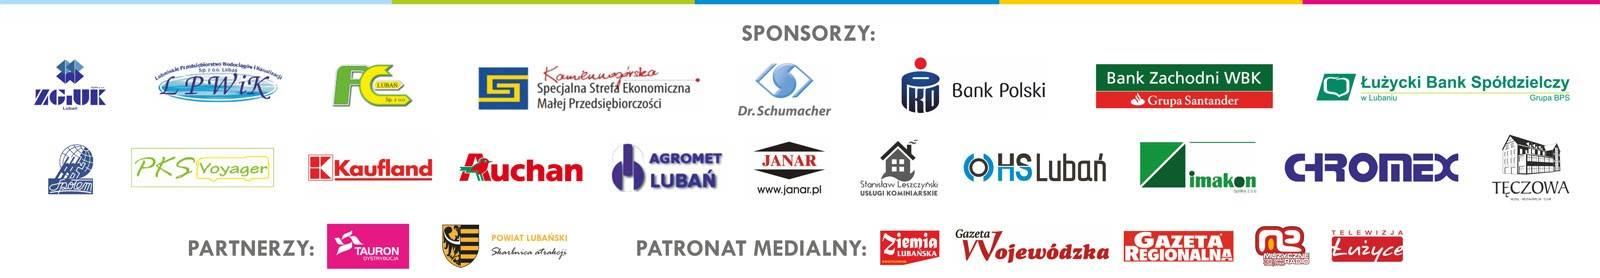 Dni Lubania - sponsorzy